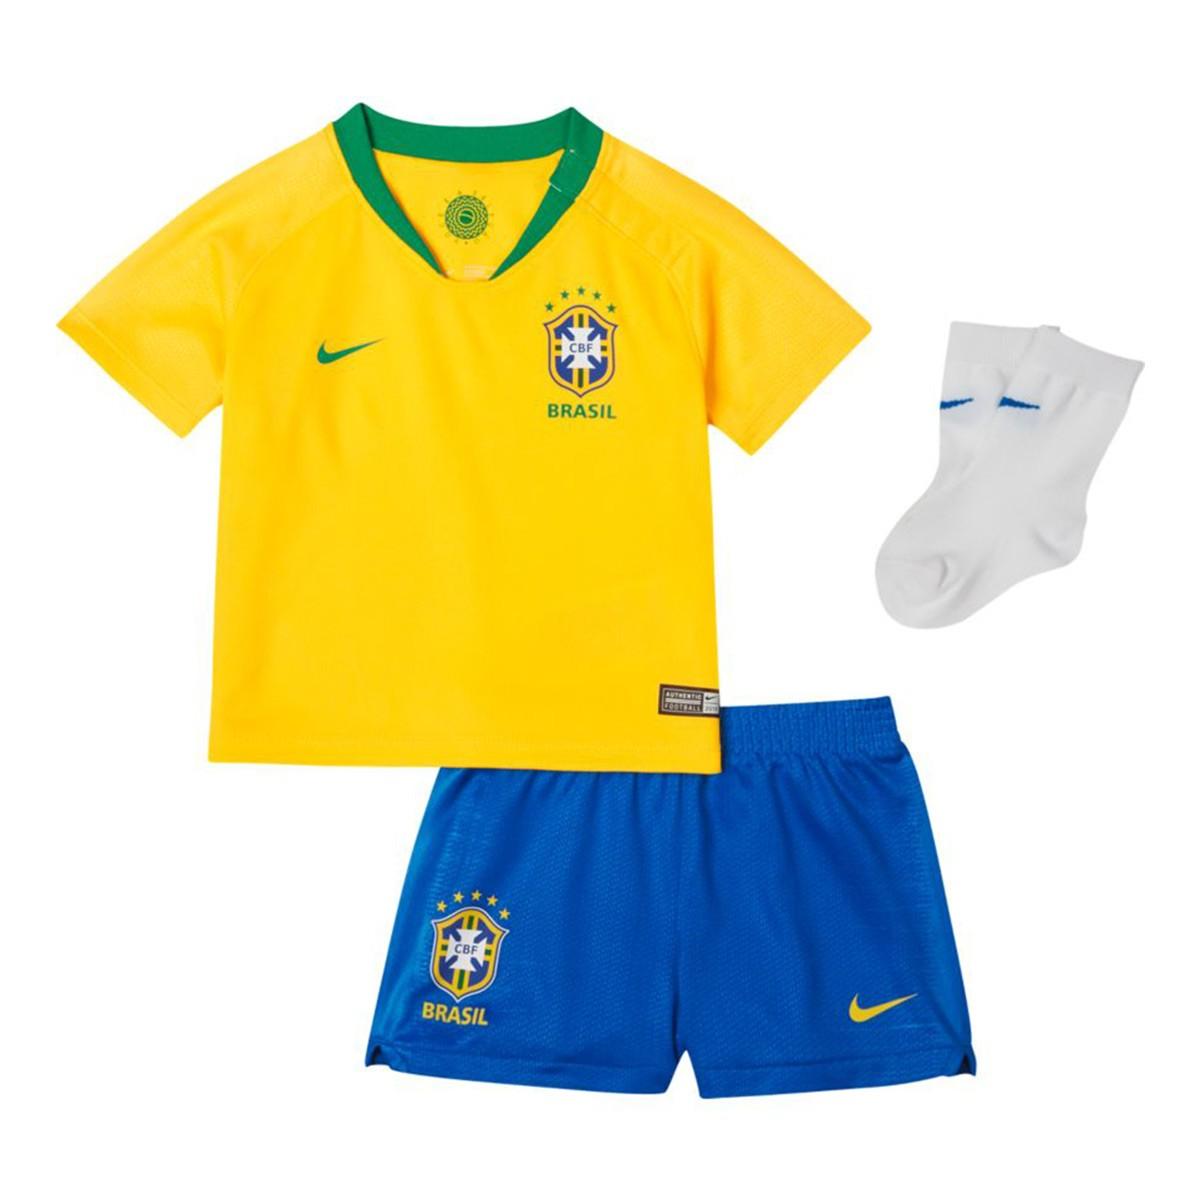 buy popular 653b2 9d922 Conjunto Nike Bebé Brasil Breathe Primera Equipación 2018-2019 Midwest  gold-Lucky green - Soloporteros es ahora Fútbol Emotion